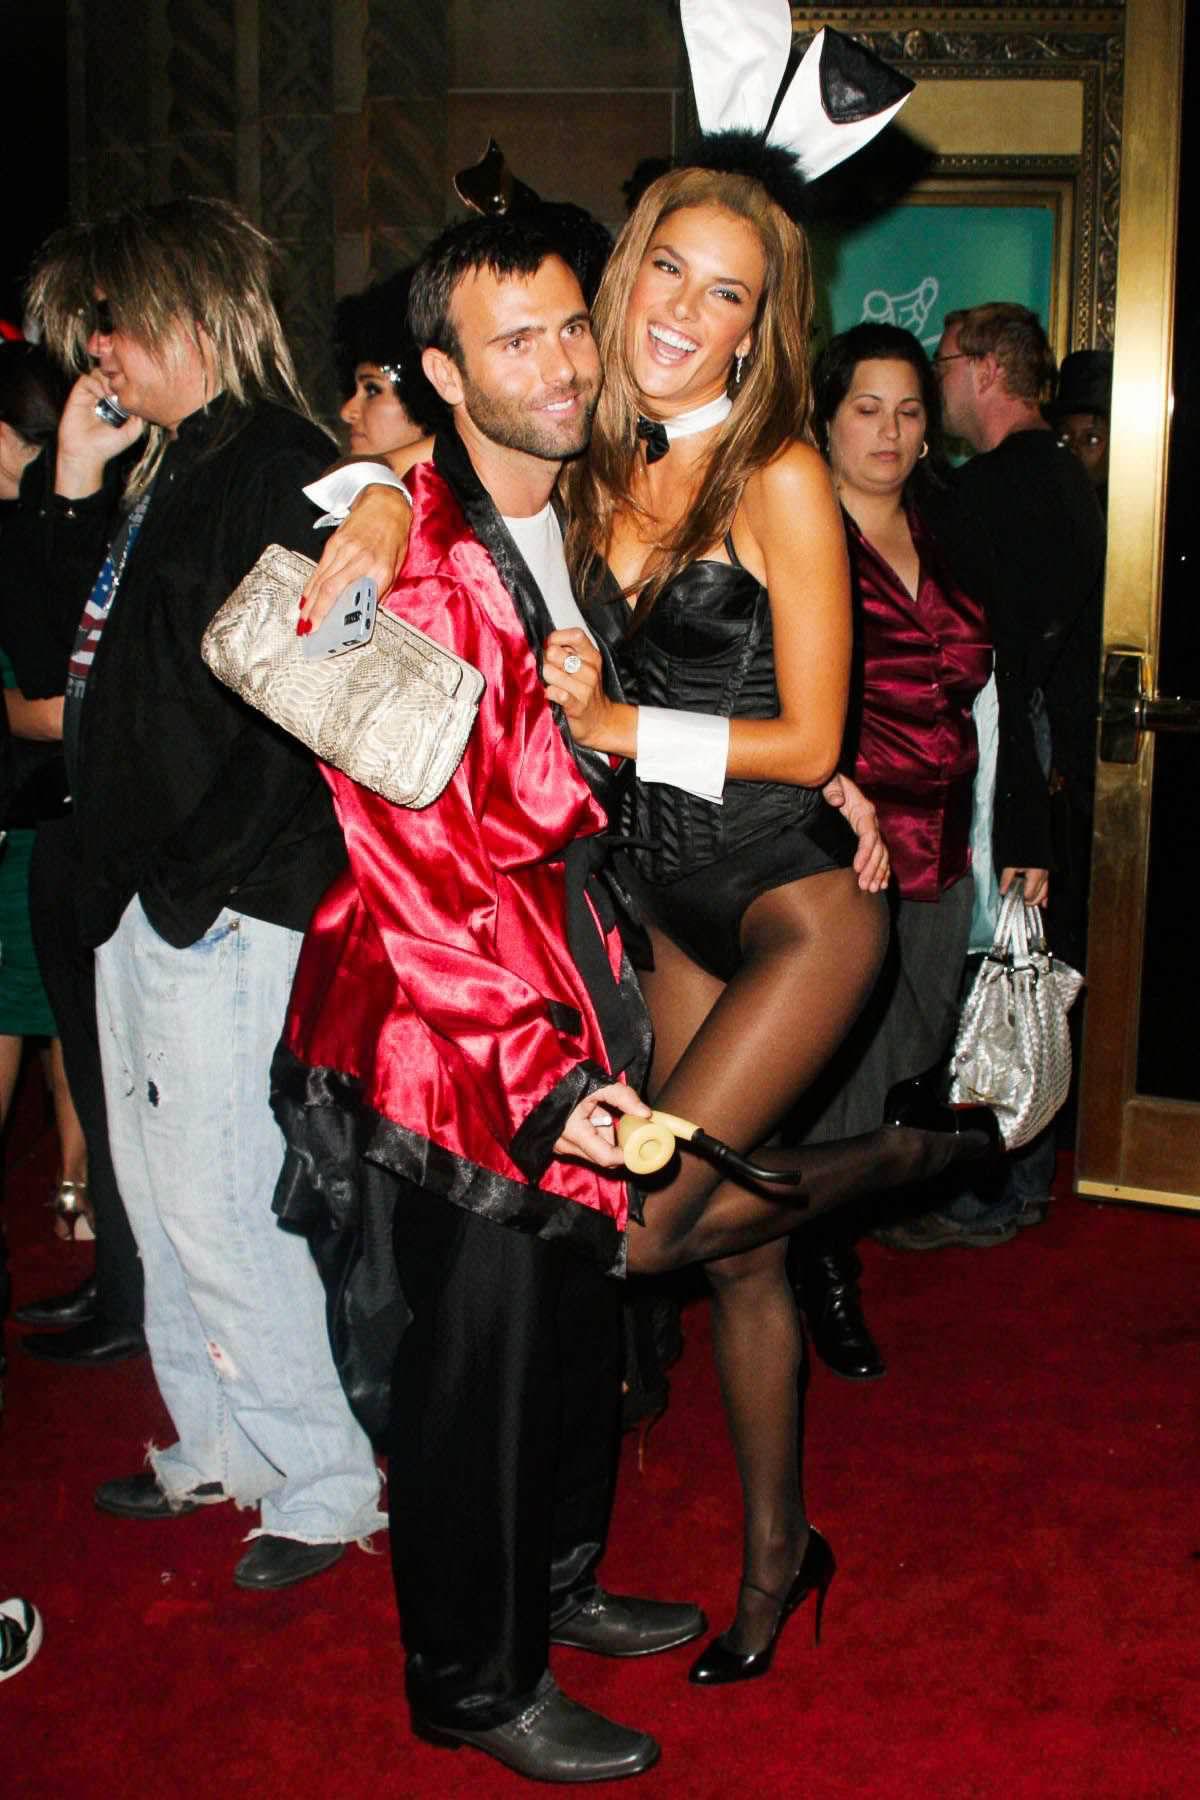 ハロウィンの衣装を身に纏いコスプレするスーパーモデルが美人すぎるwwww 0453